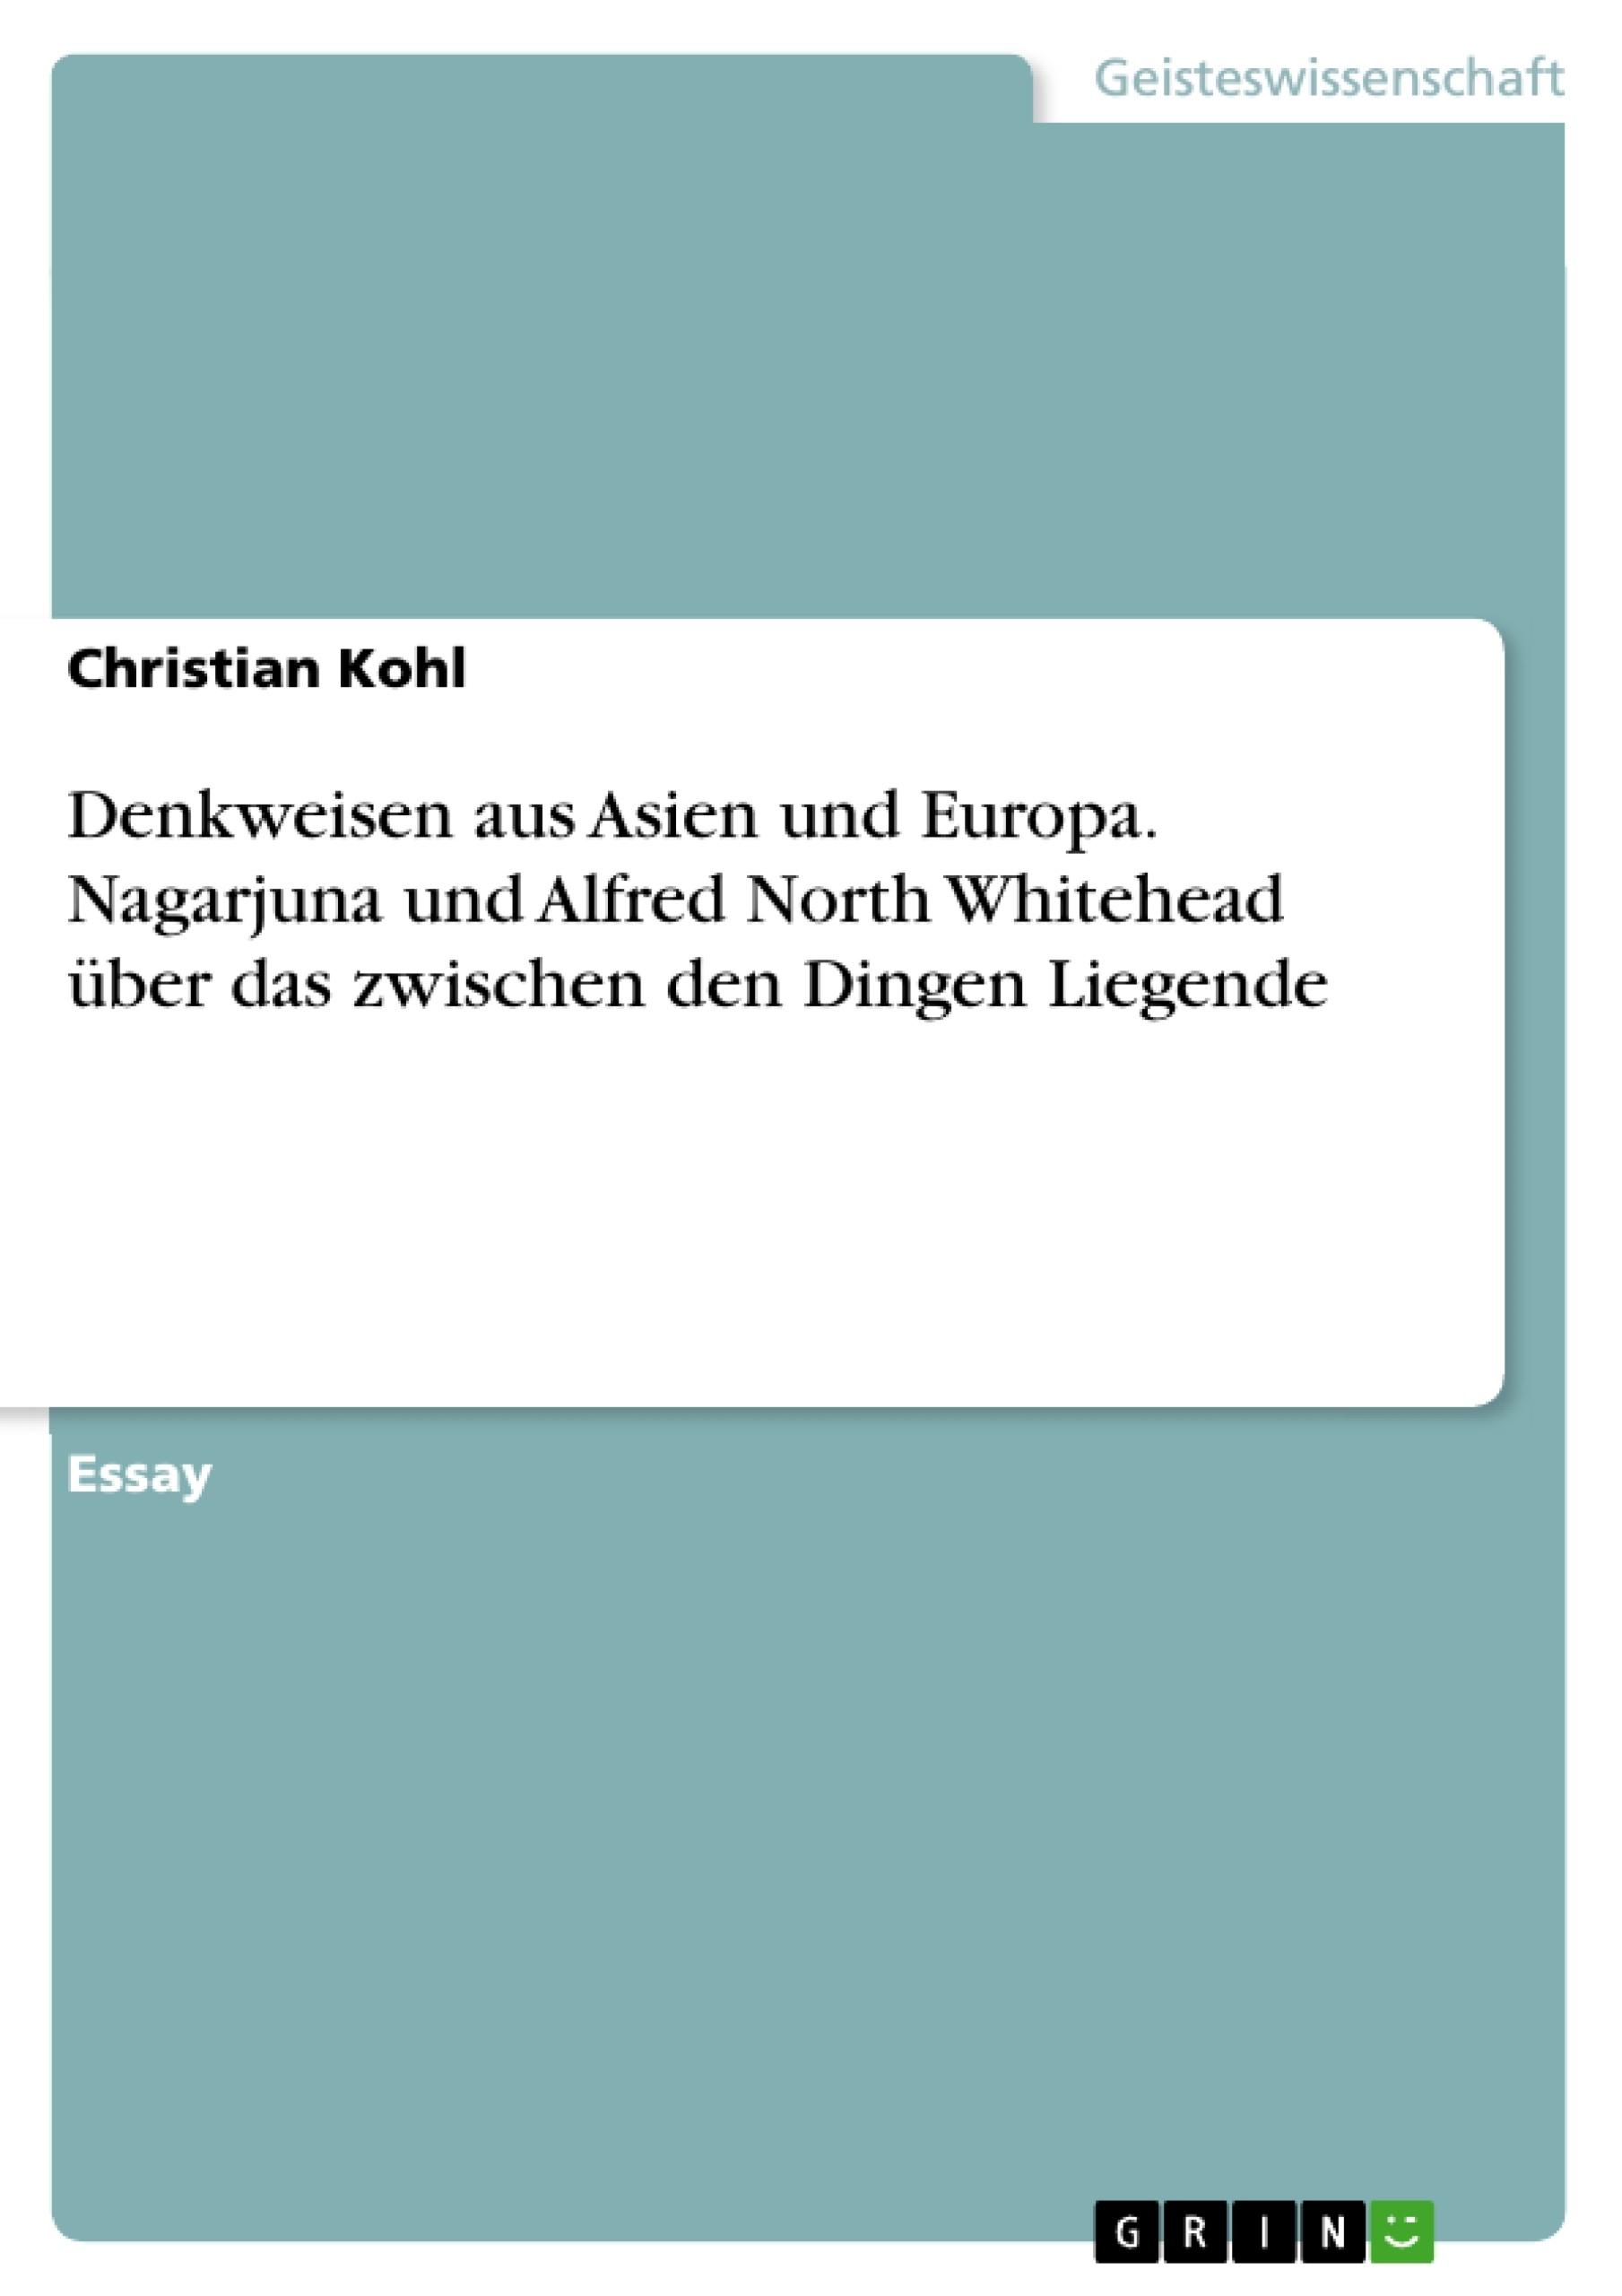 Titel: Denkweisen aus Asien und Europa. Nagarjuna und Alfred North Whitehead über das zwischen den Dingen Liegende